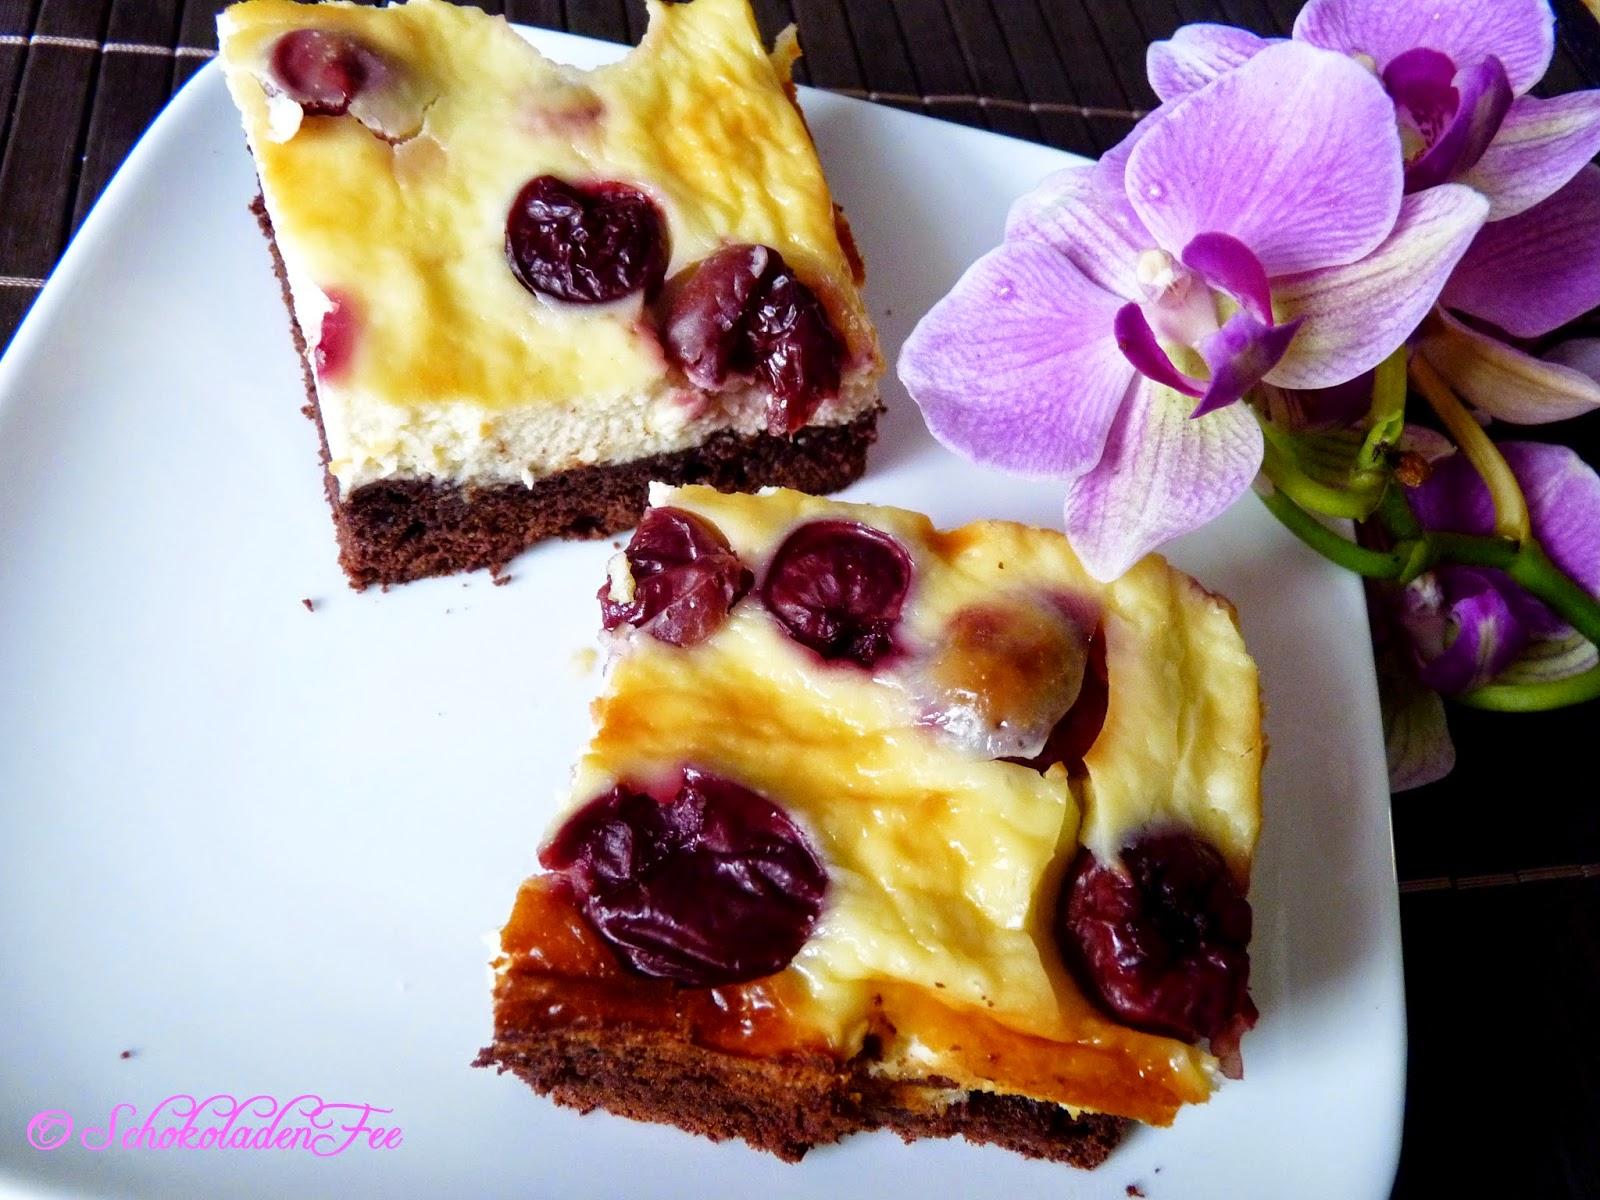 http://bakingavenue.wordpress.com/2014/08/01/cherry-cheesecake-brownies-ein-gastbeitrag-only-german/